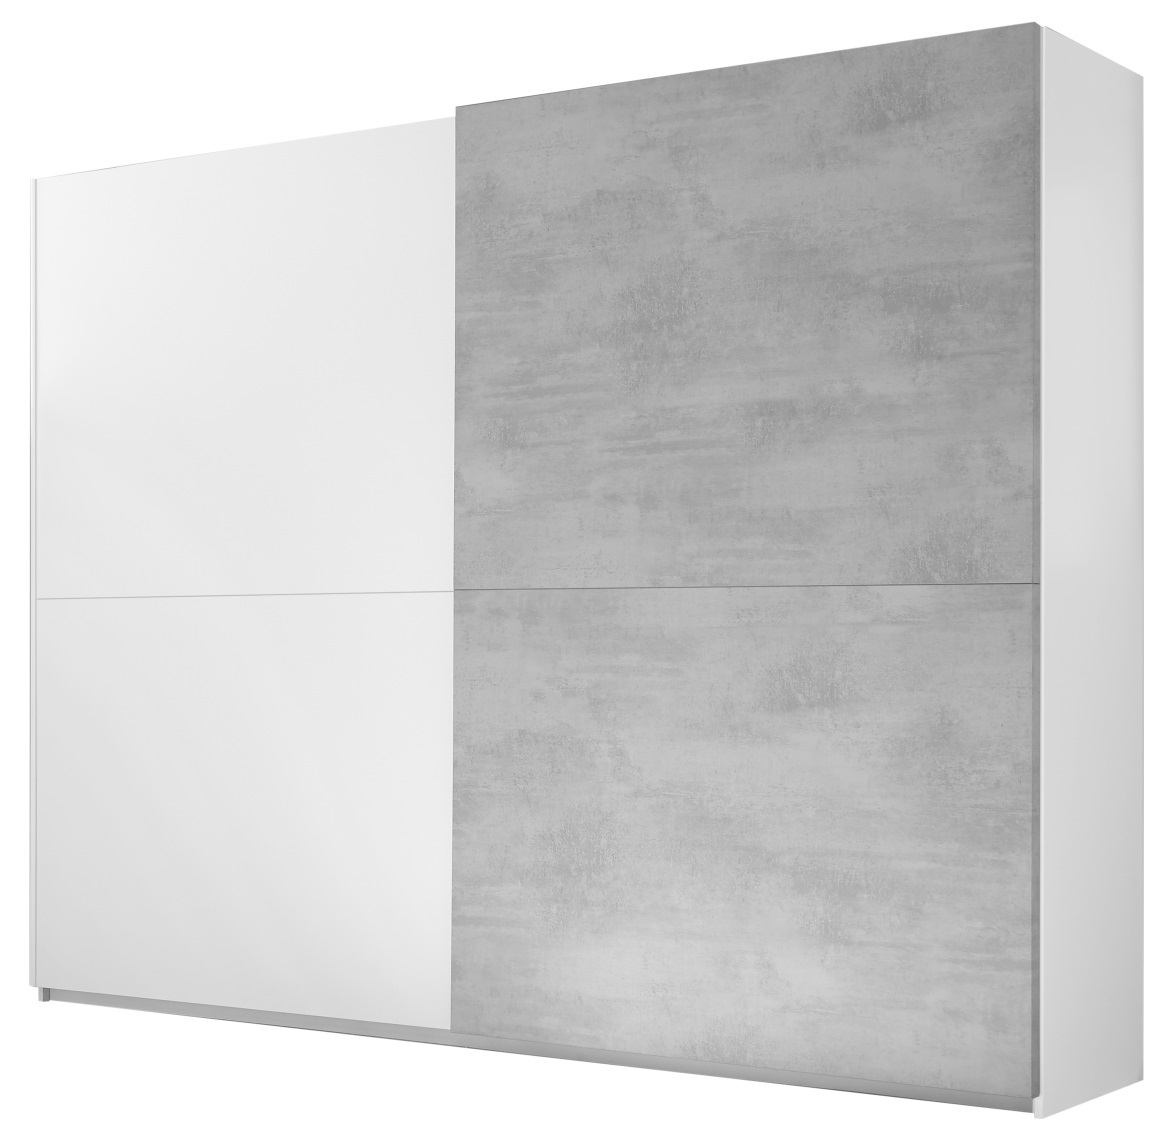 Schuifdeurkast Amalti Full 220 cm breed in mat wit met grijs beton